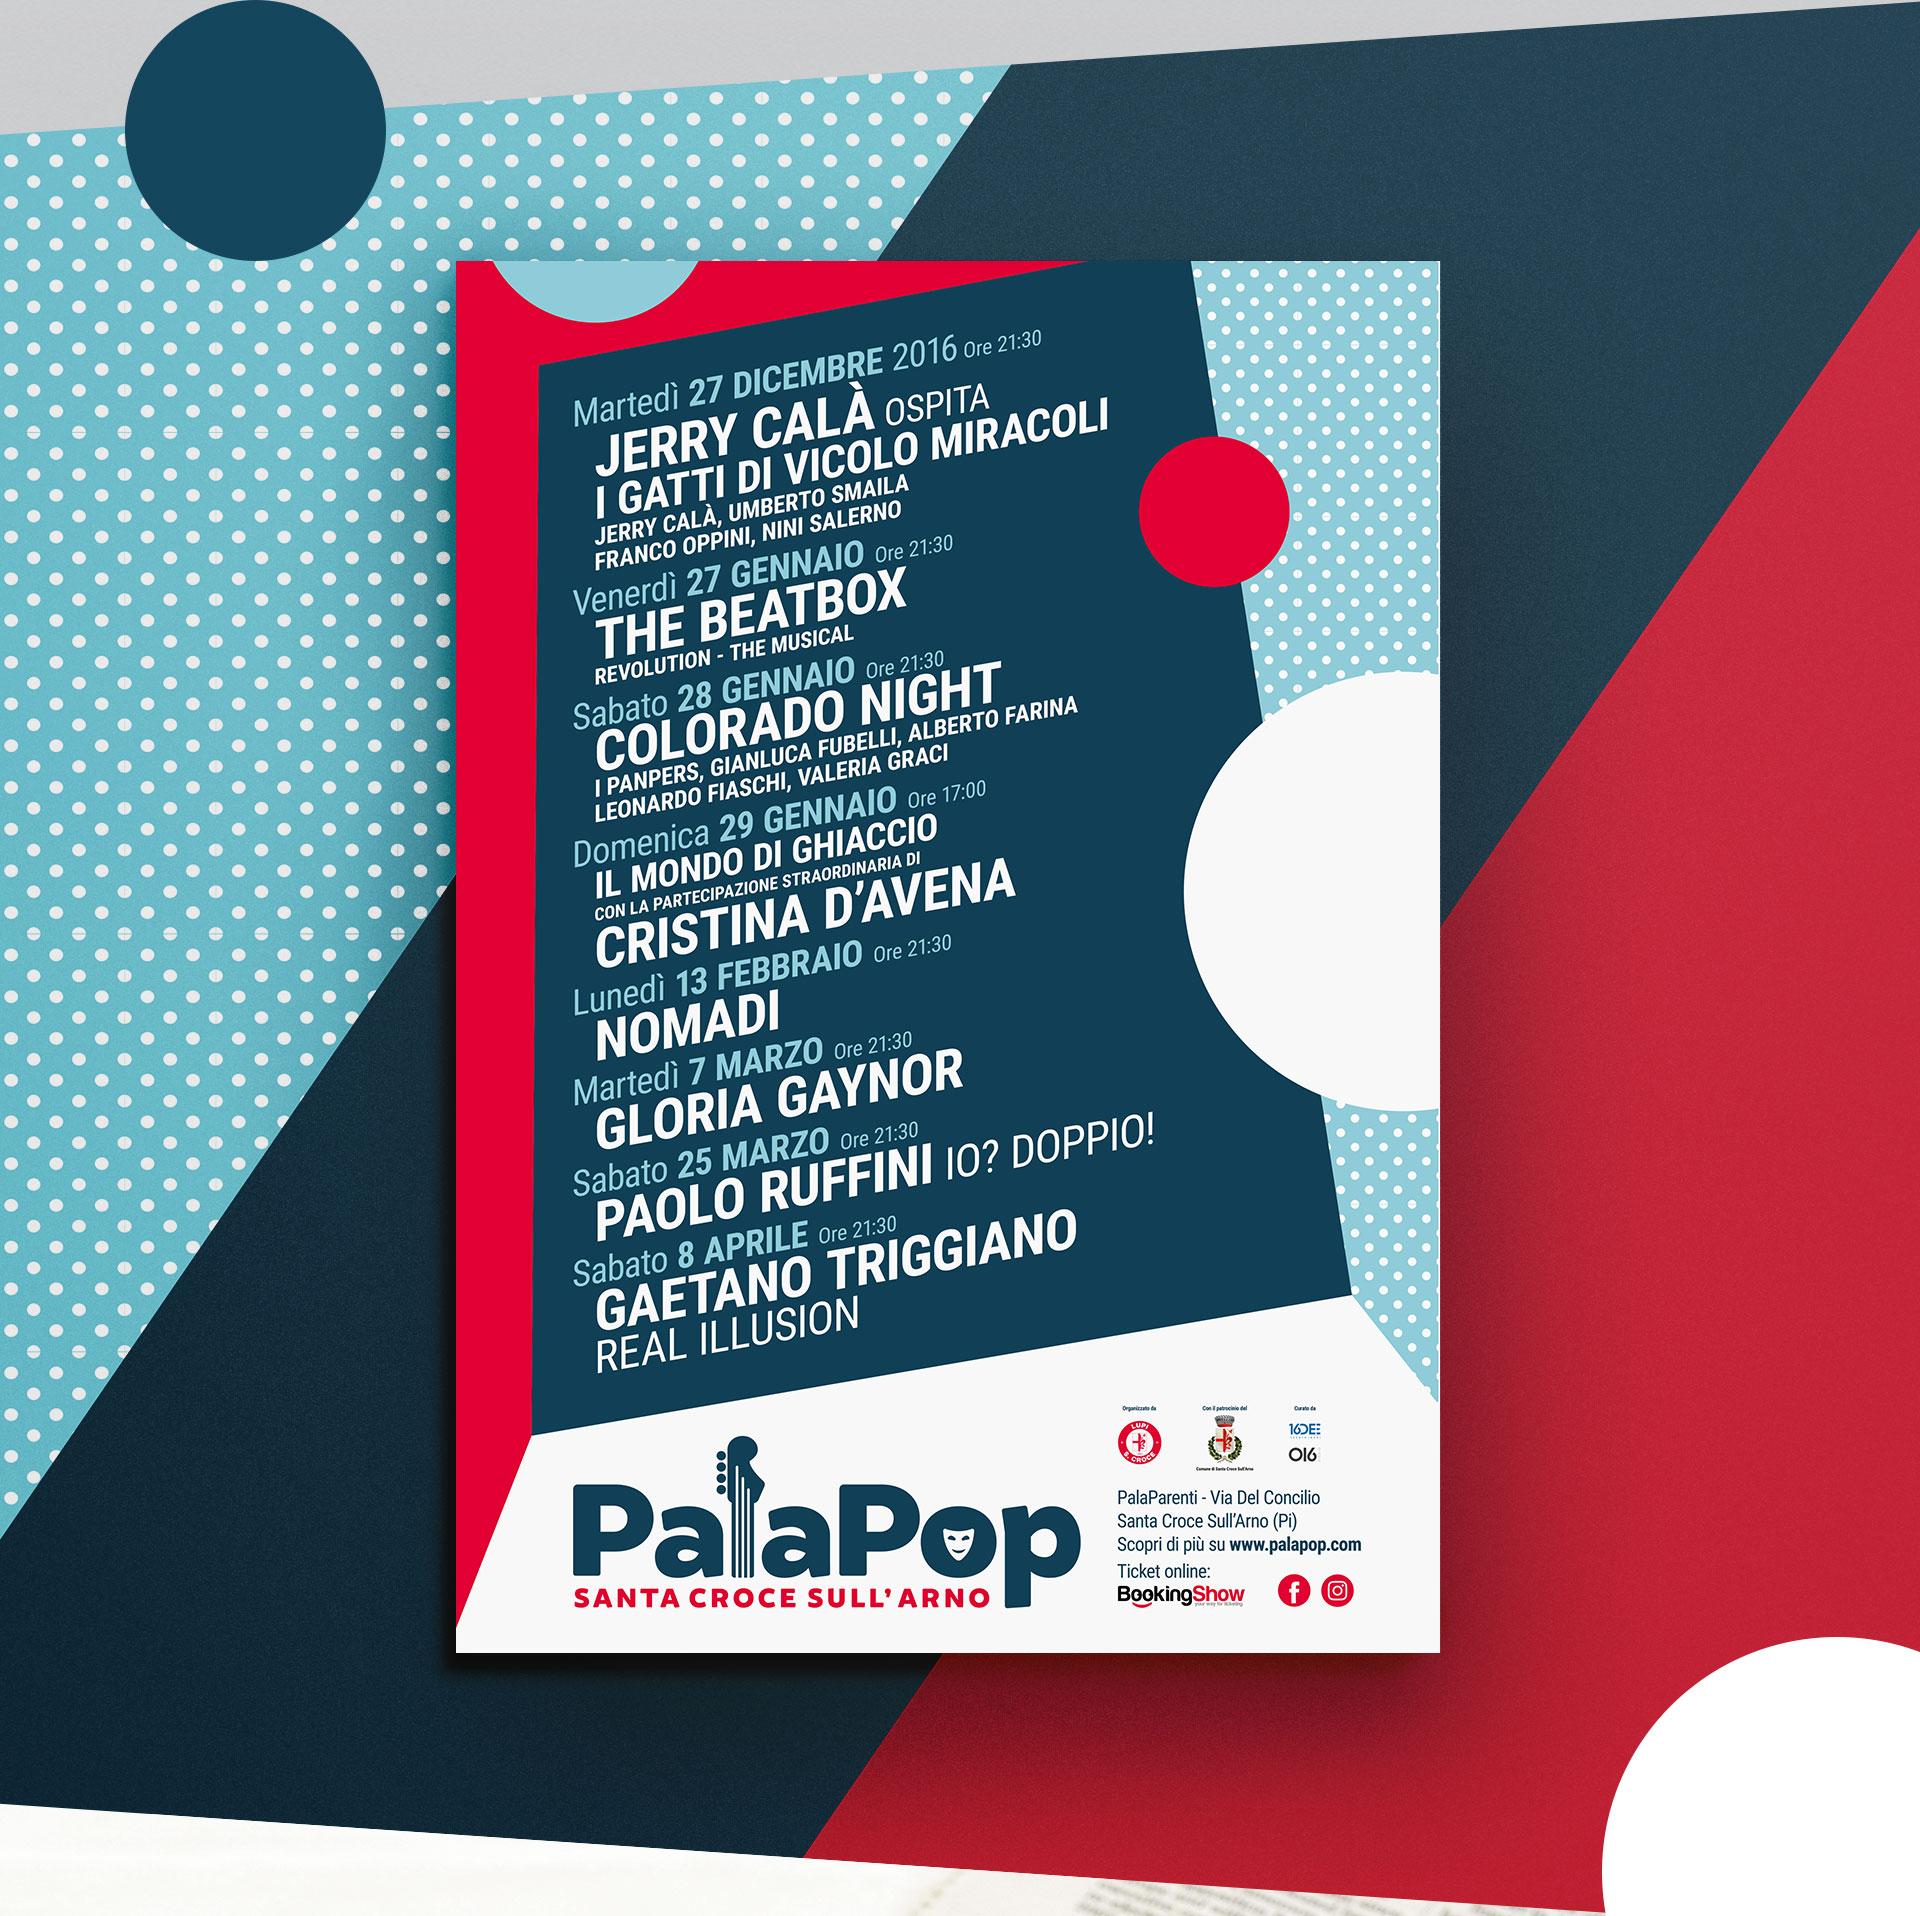 palapop13